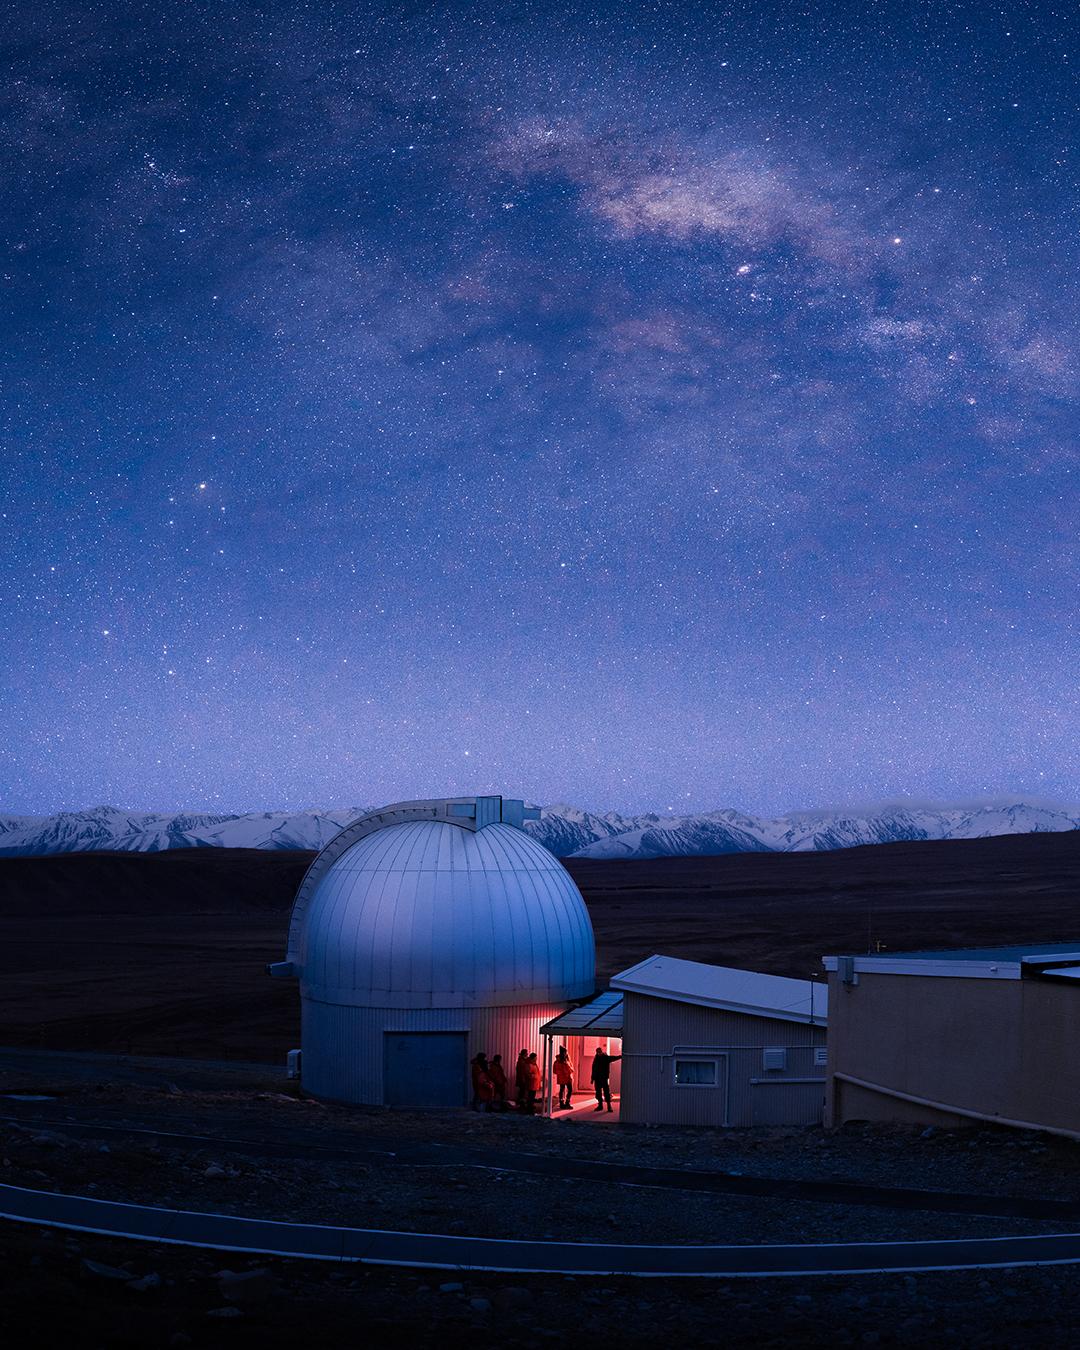 Mount John Observatory Under A Starry Night Sky